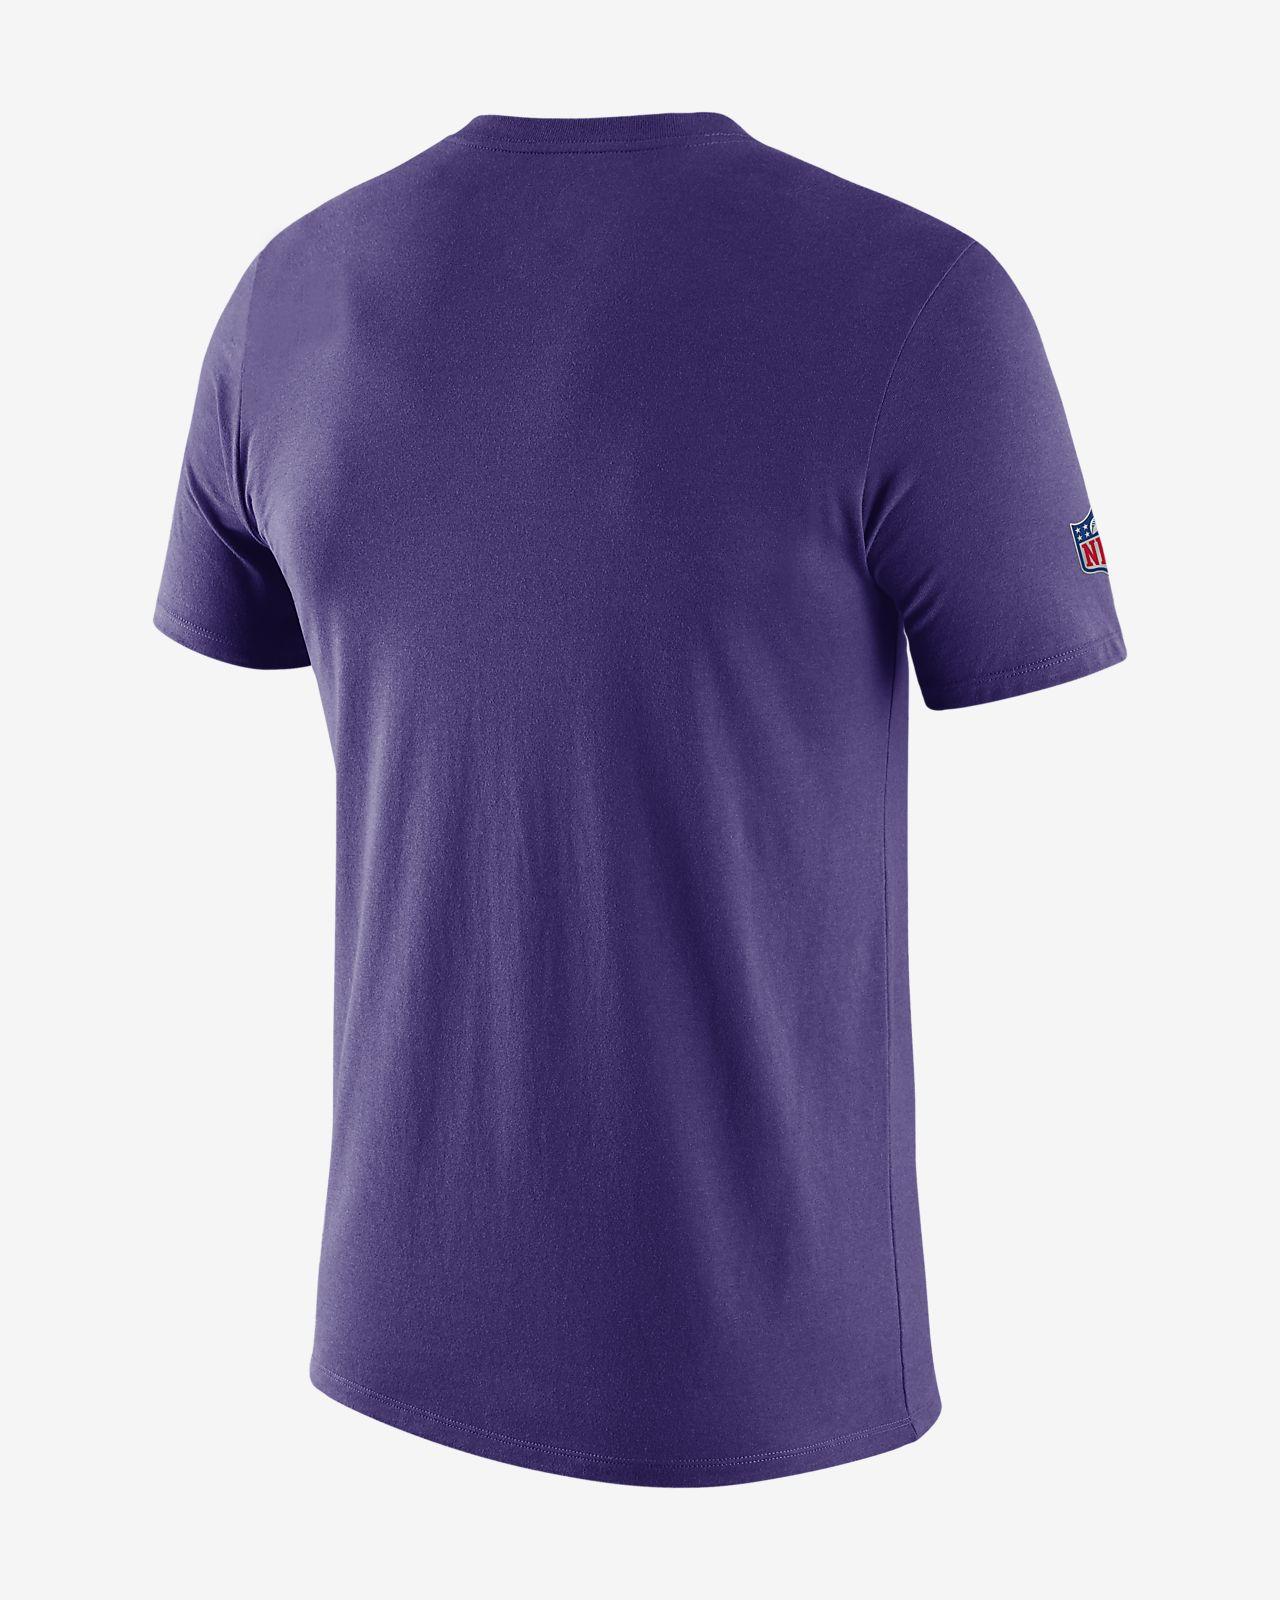 602155af Nike Legend (NFL Vikings) Men's Short-Sleeve T-Shirt